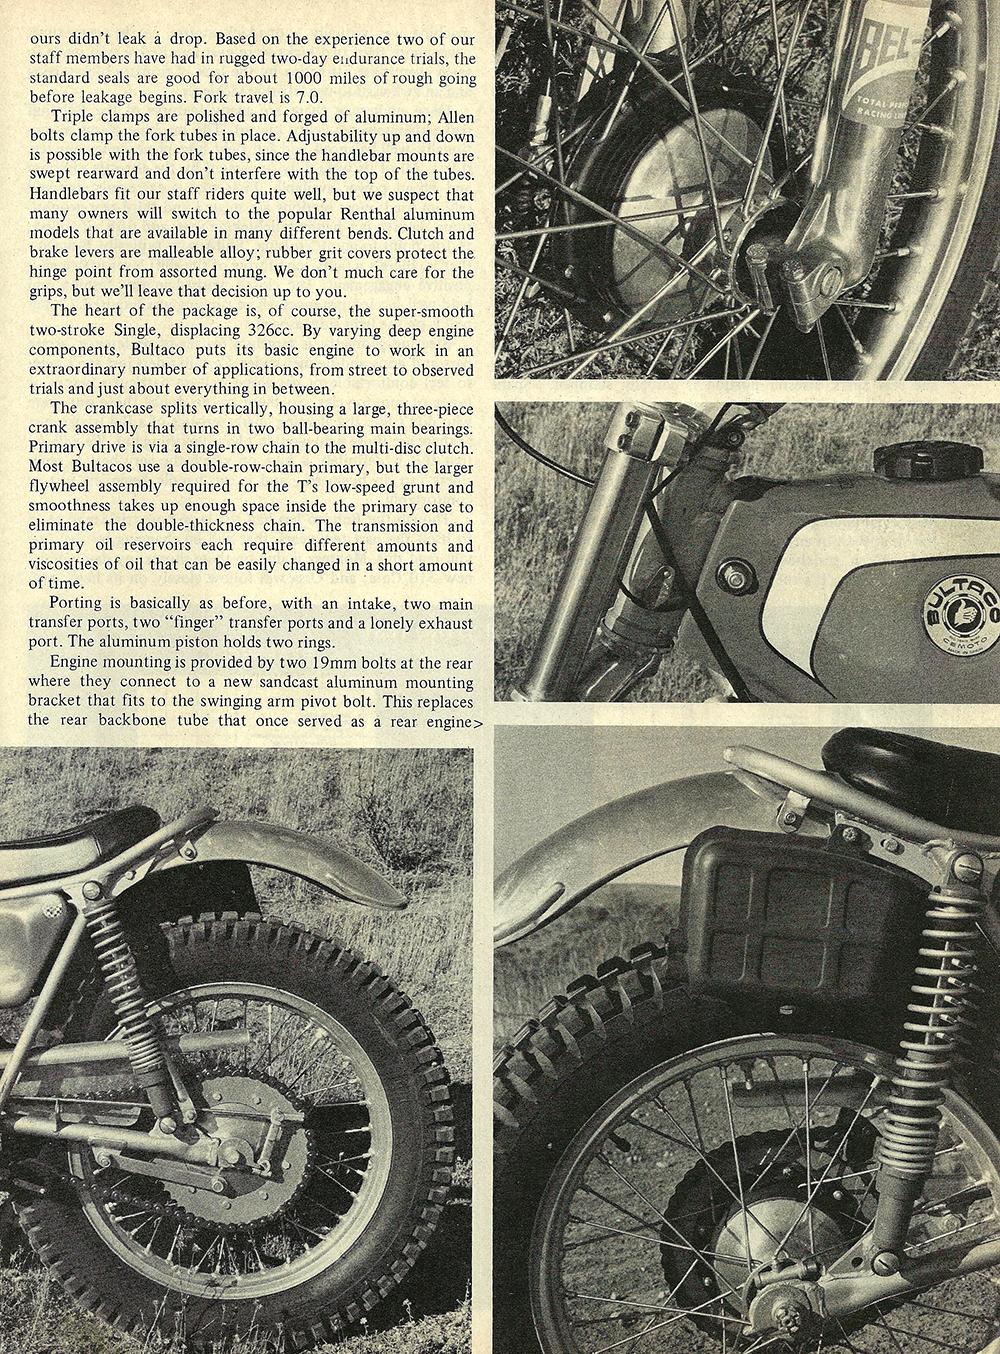 1976 Bultaco Sherpa T 350 road test 04.jpg